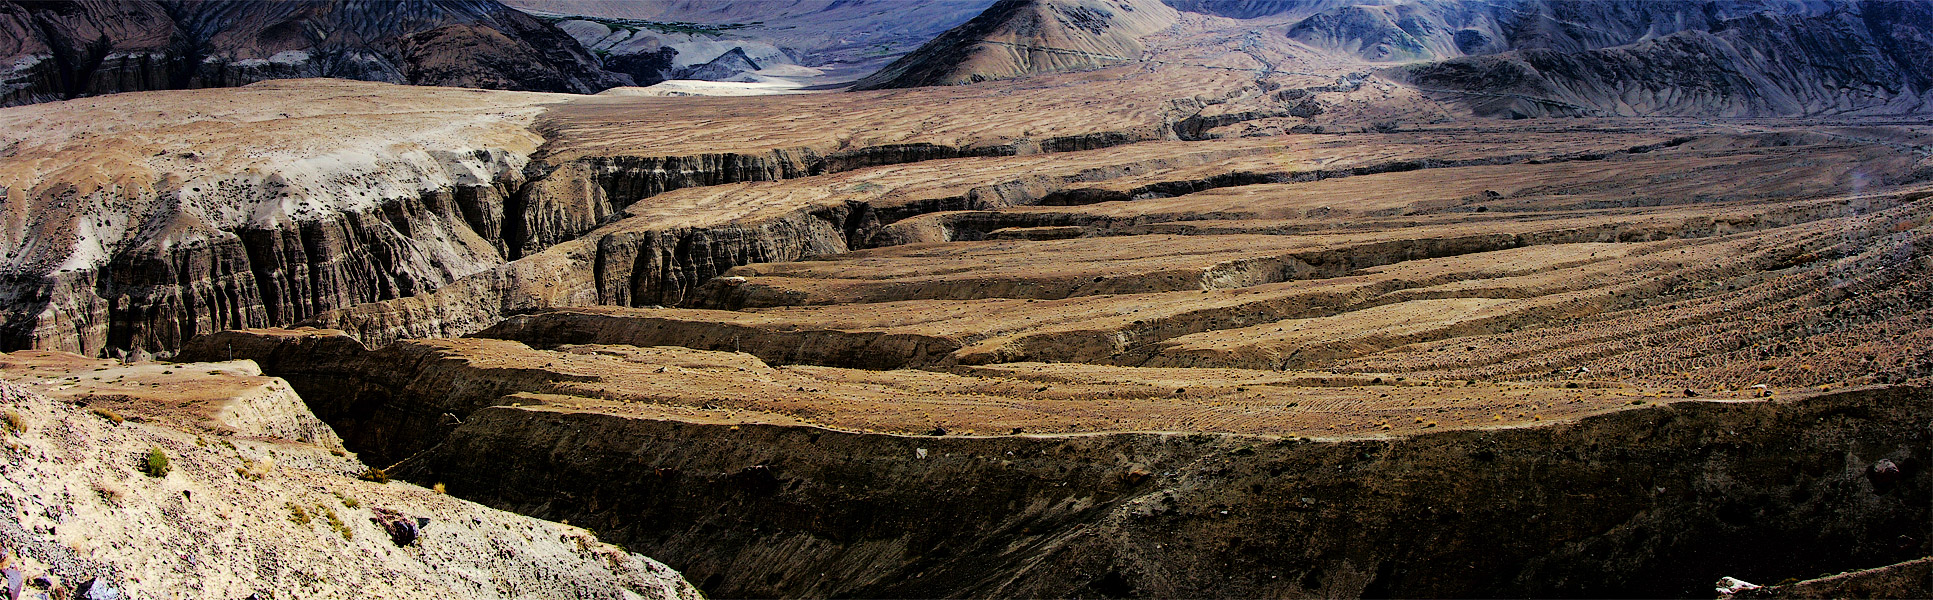 Долина Нубра. Ладакх, Индия. Панорамы Гималаев